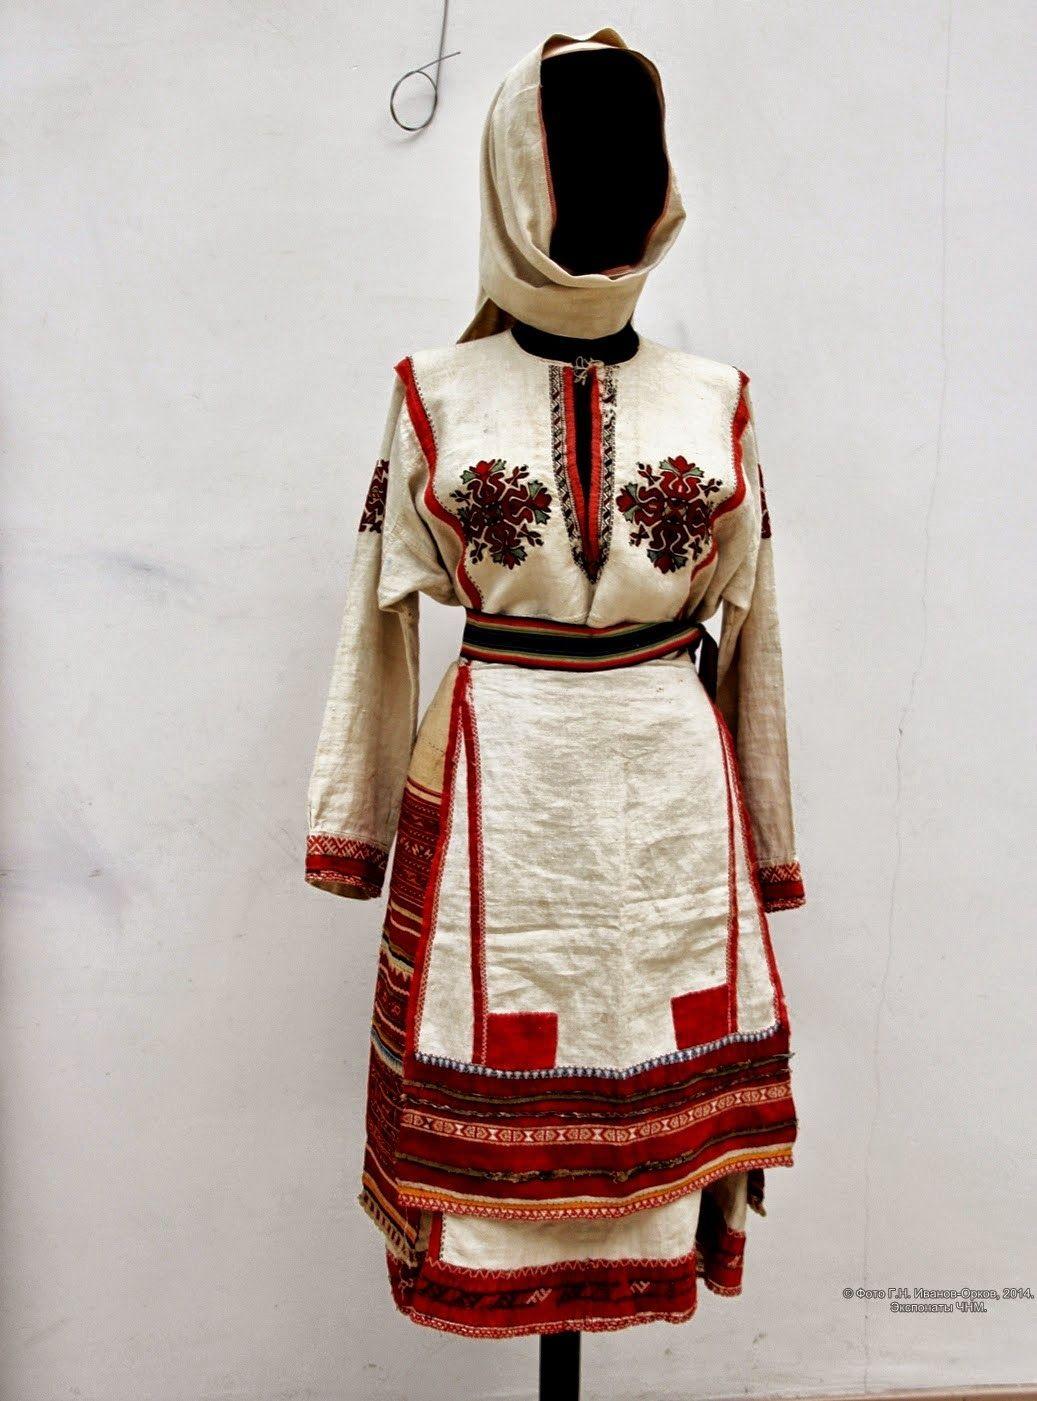 картинки национального костюма чувашей сковородка позволяет почувствовать